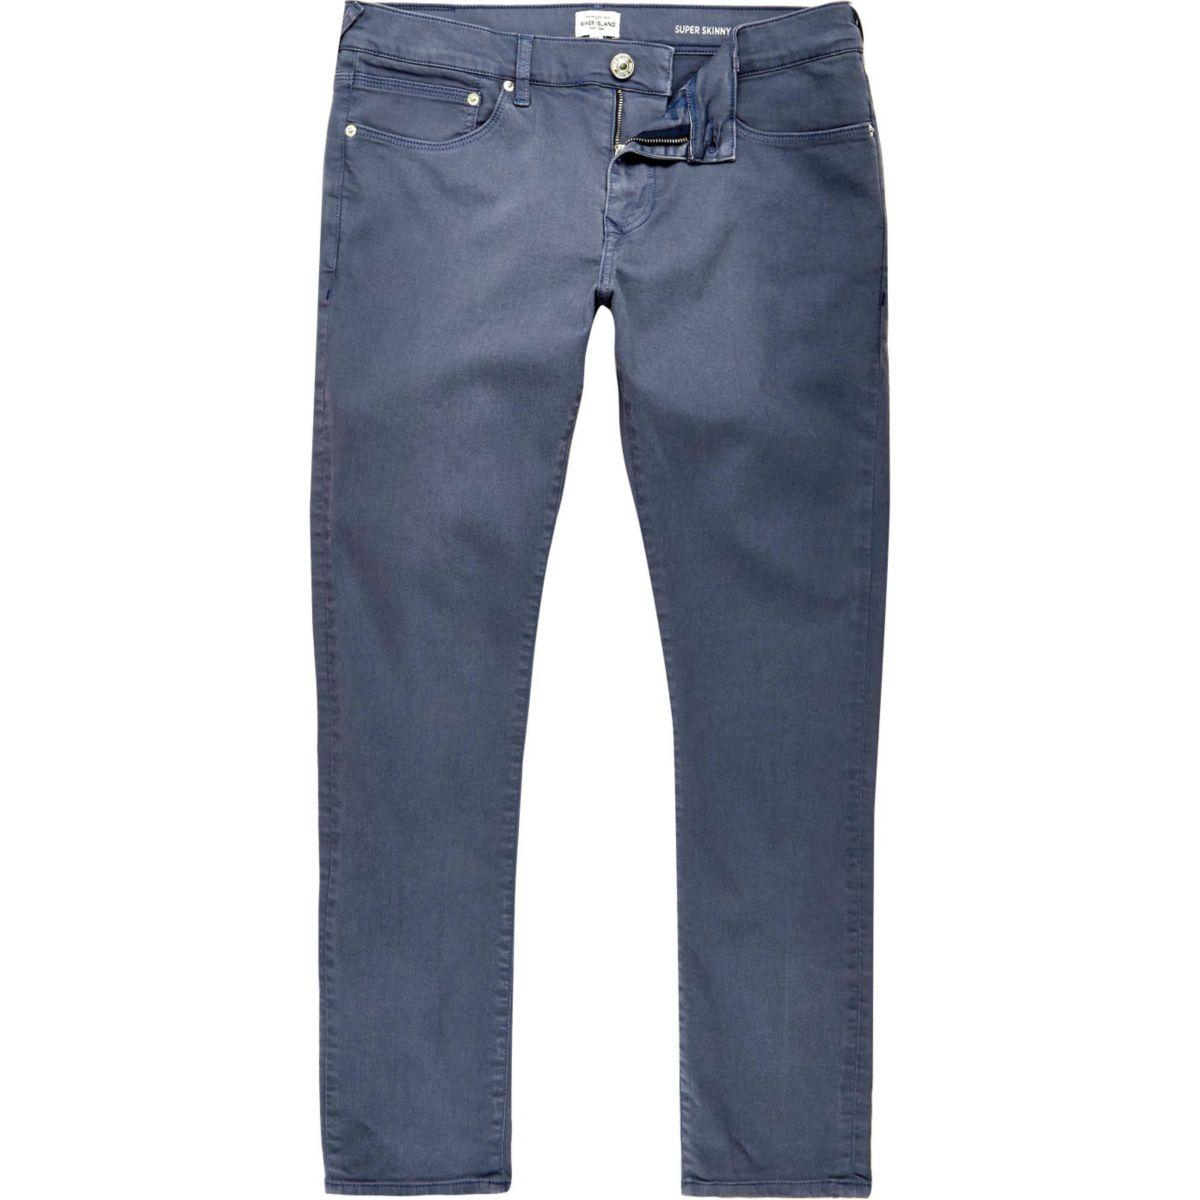 danny blaue superenge skinny jeans jeans sale herren. Black Bedroom Furniture Sets. Home Design Ideas